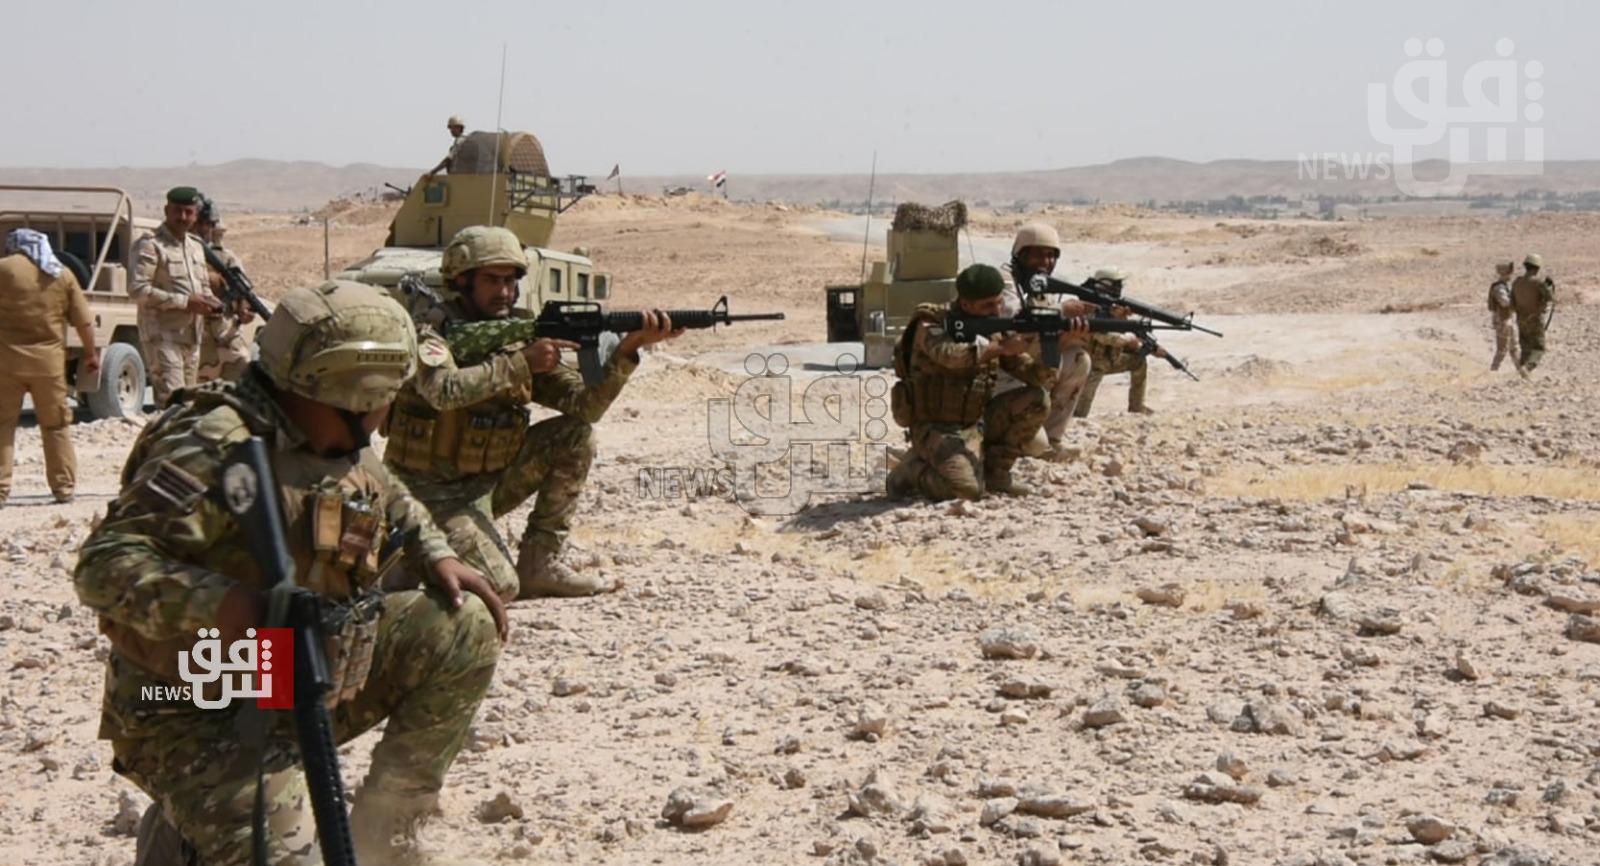 اصابة 3 عناصر من الحشد بهجوم لداعش في الأنبار